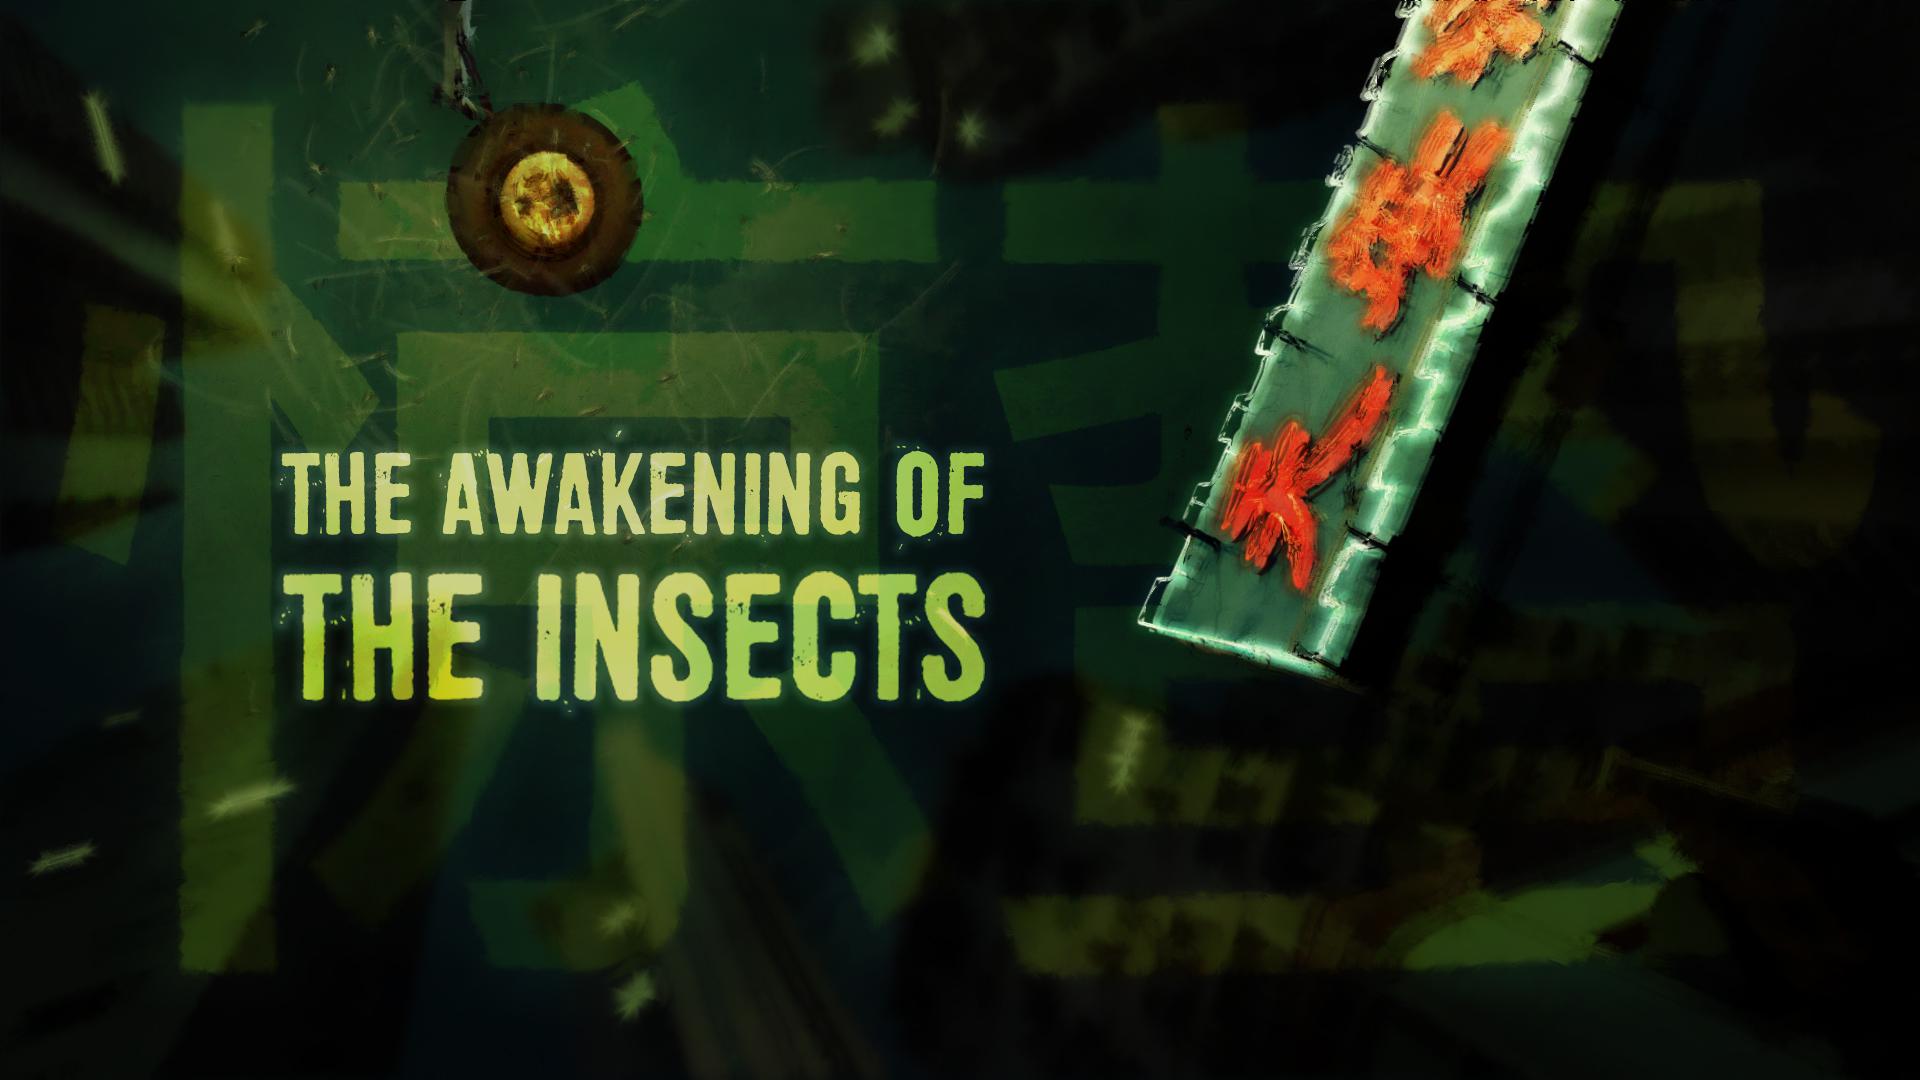 le-reveil-des-insectes_image-titre_anglais.jpg